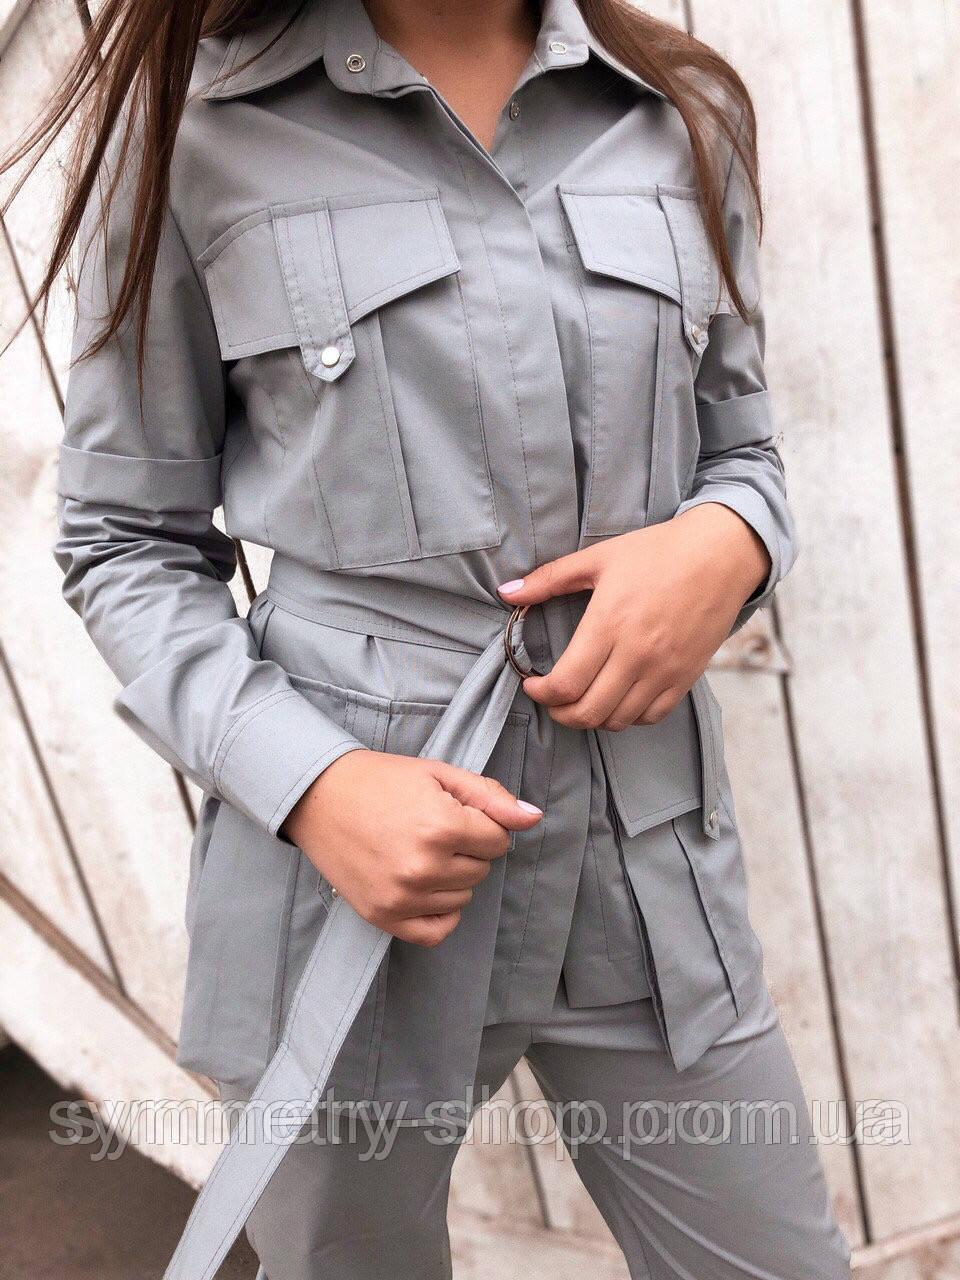 Жакет T010, серый, фото 1